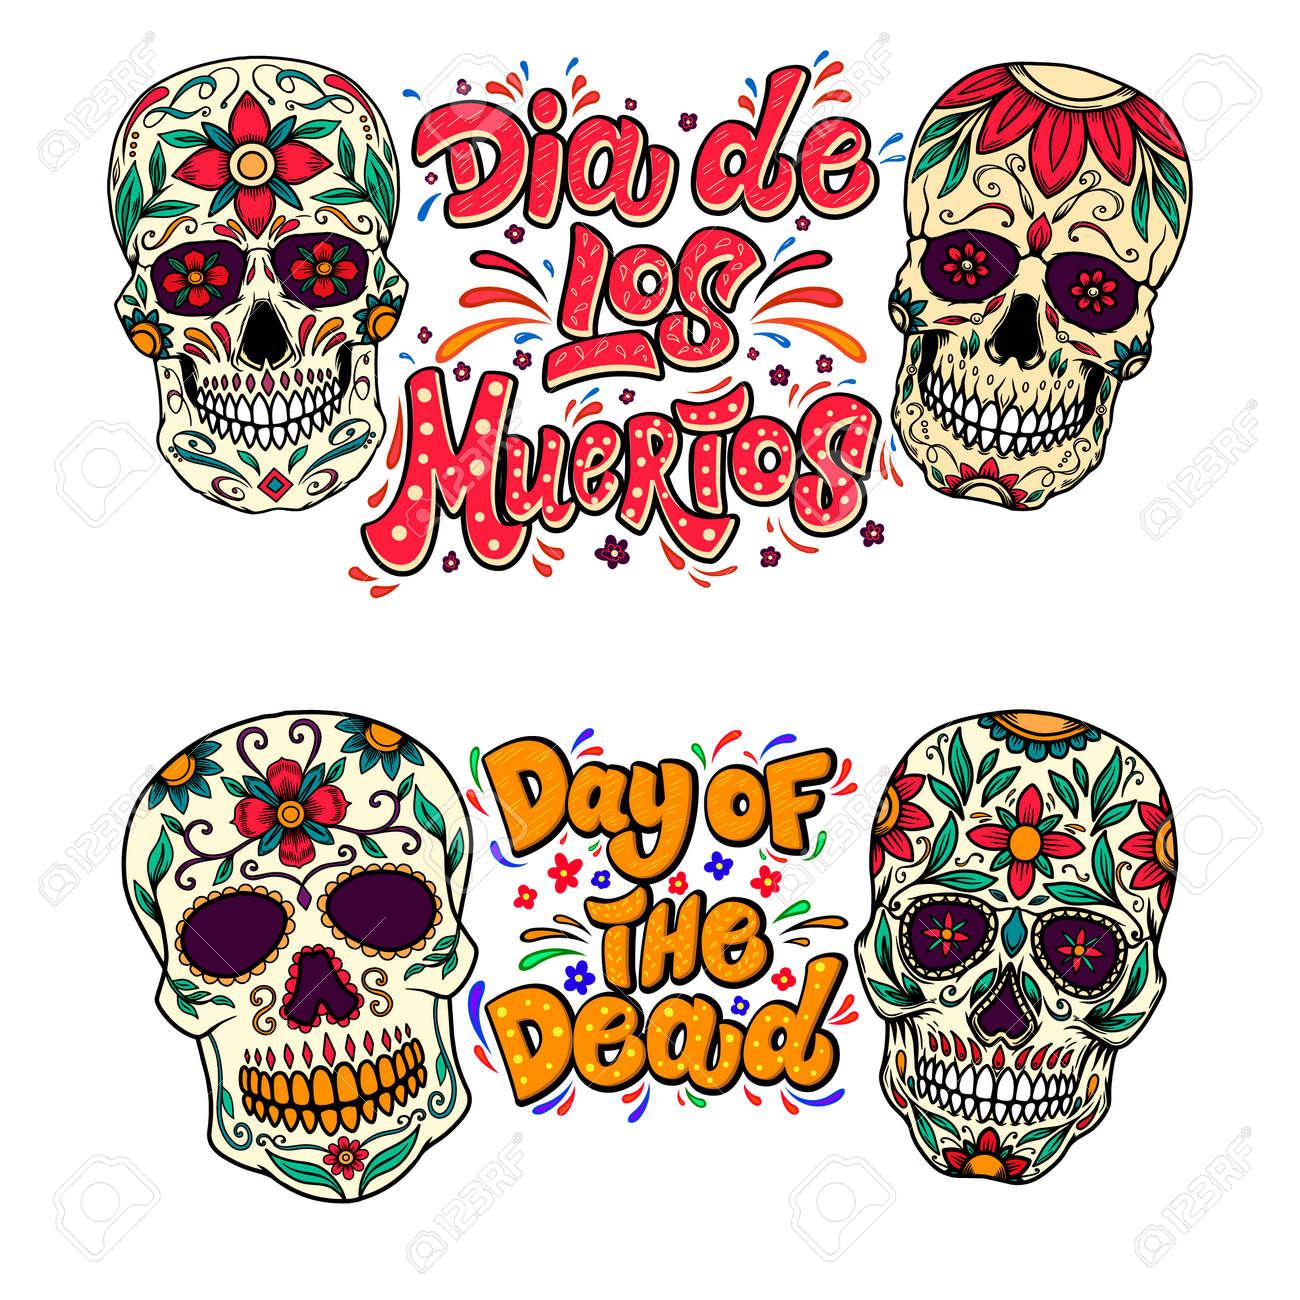 Dia de los muertos (Day of the dead). Lettering phrase with sugar skulls illustrations. Design element for flyer, emblem, sign, poster, card, banner. Vector illustration - 159495230